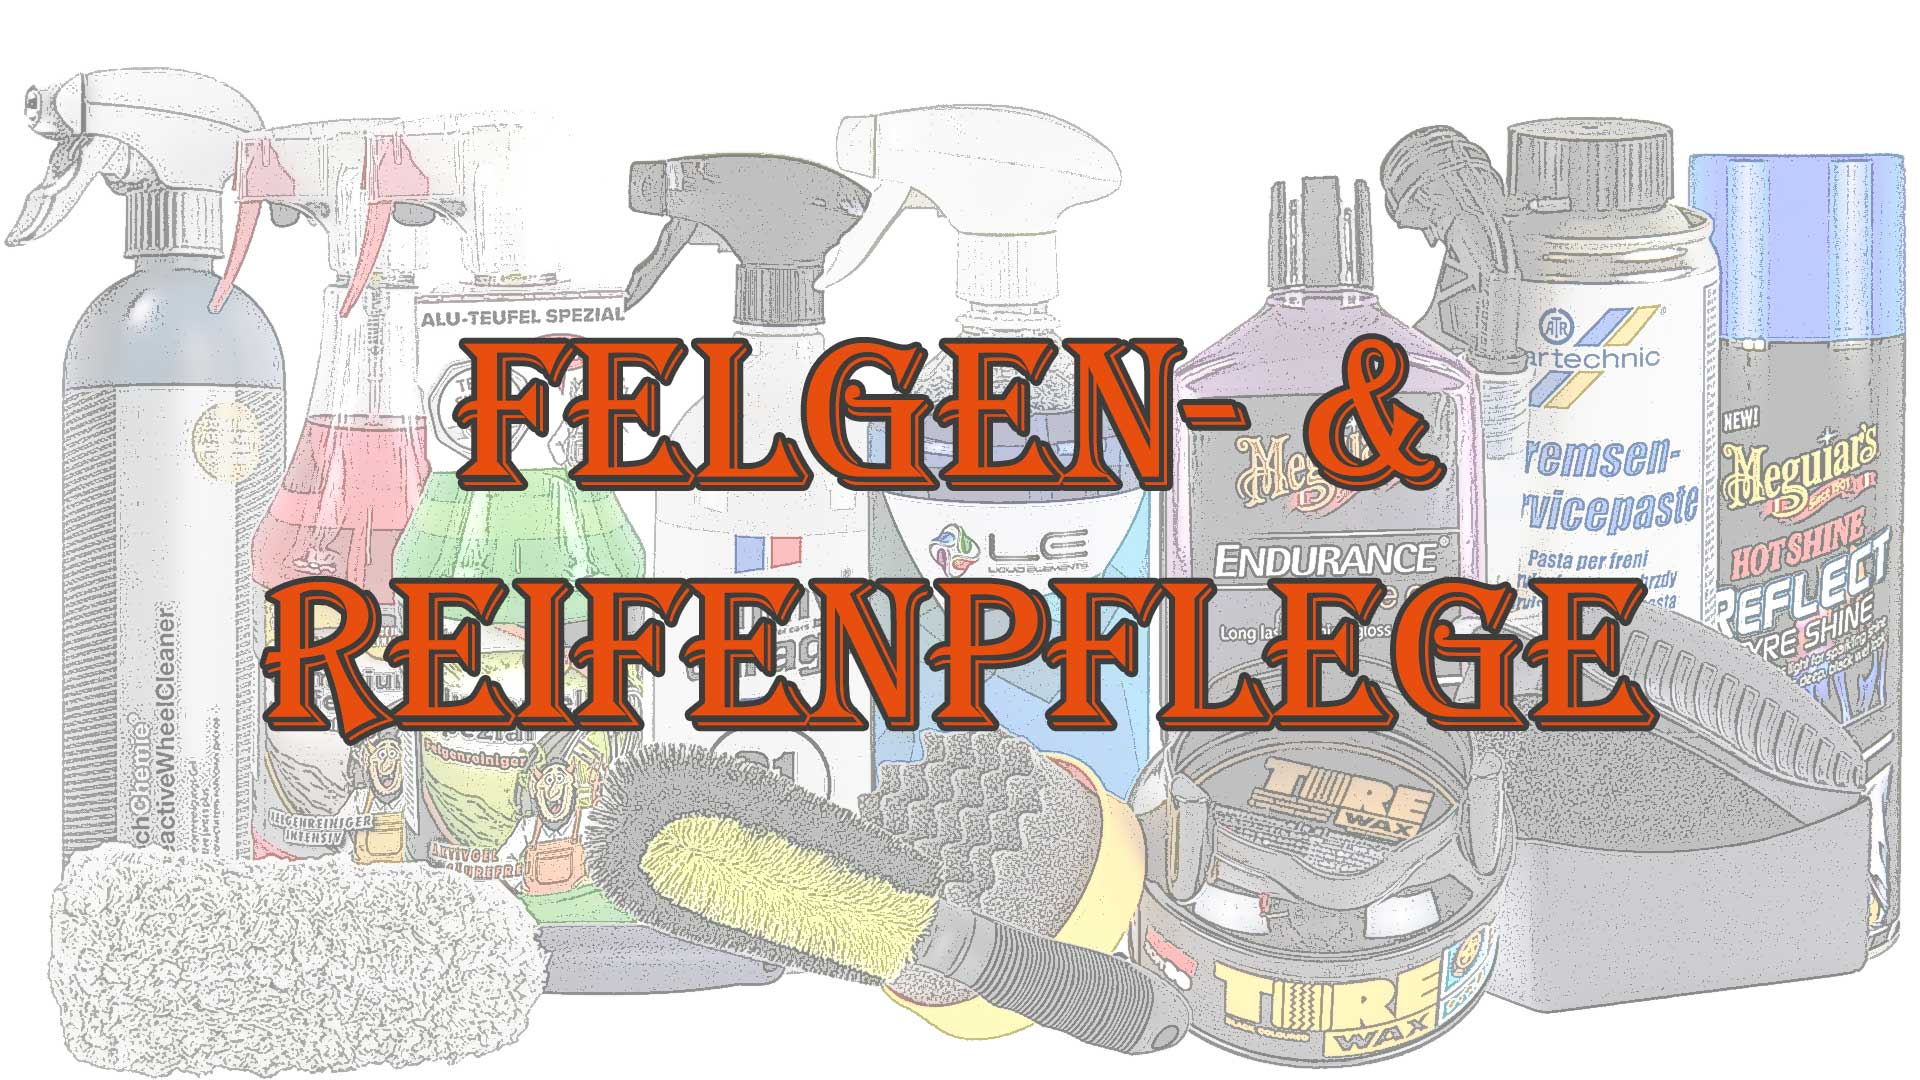 Felgen_Reifenpflege